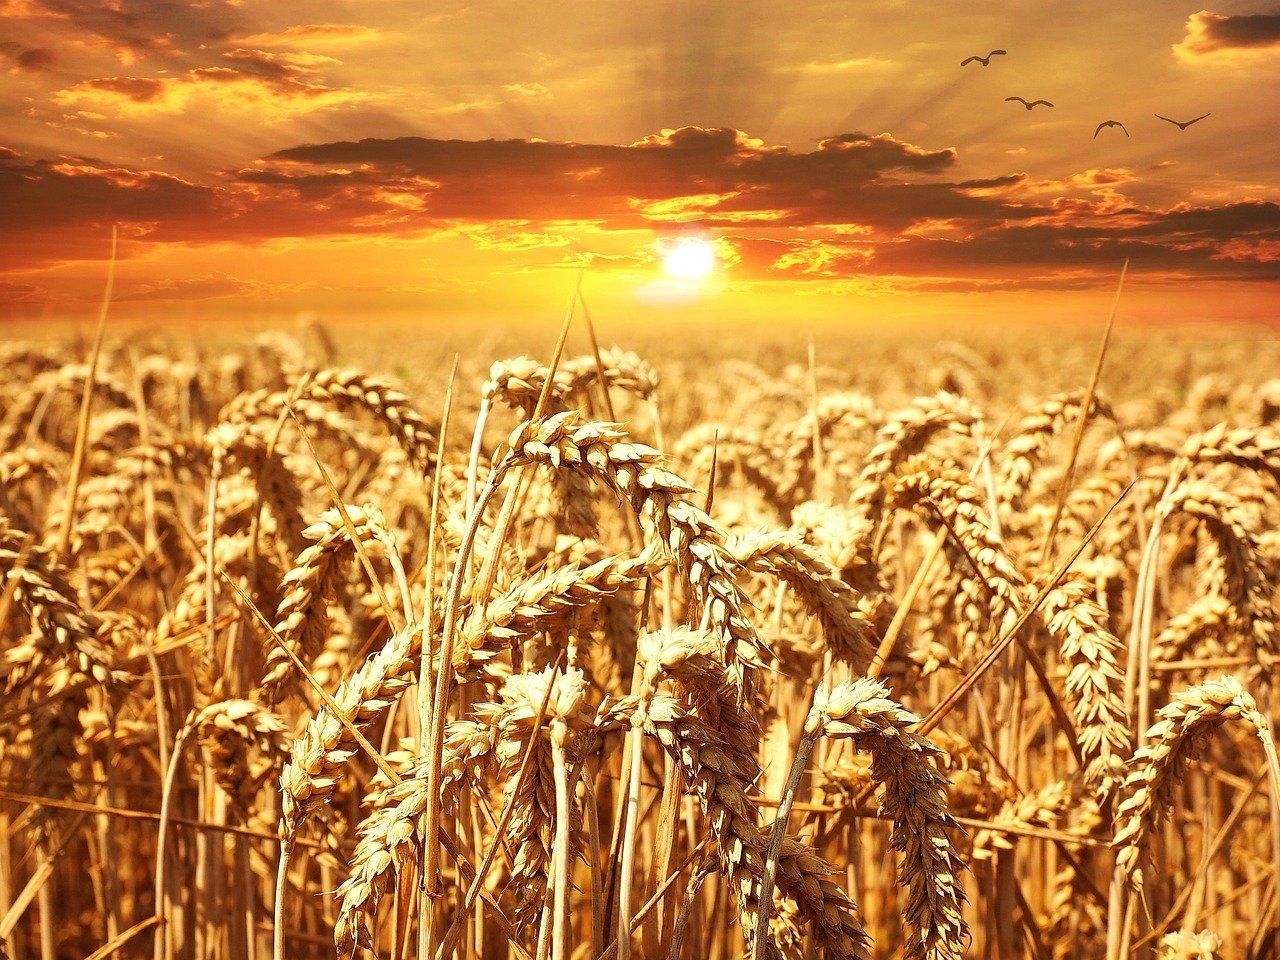 wheat-field-640960_1280.jpg